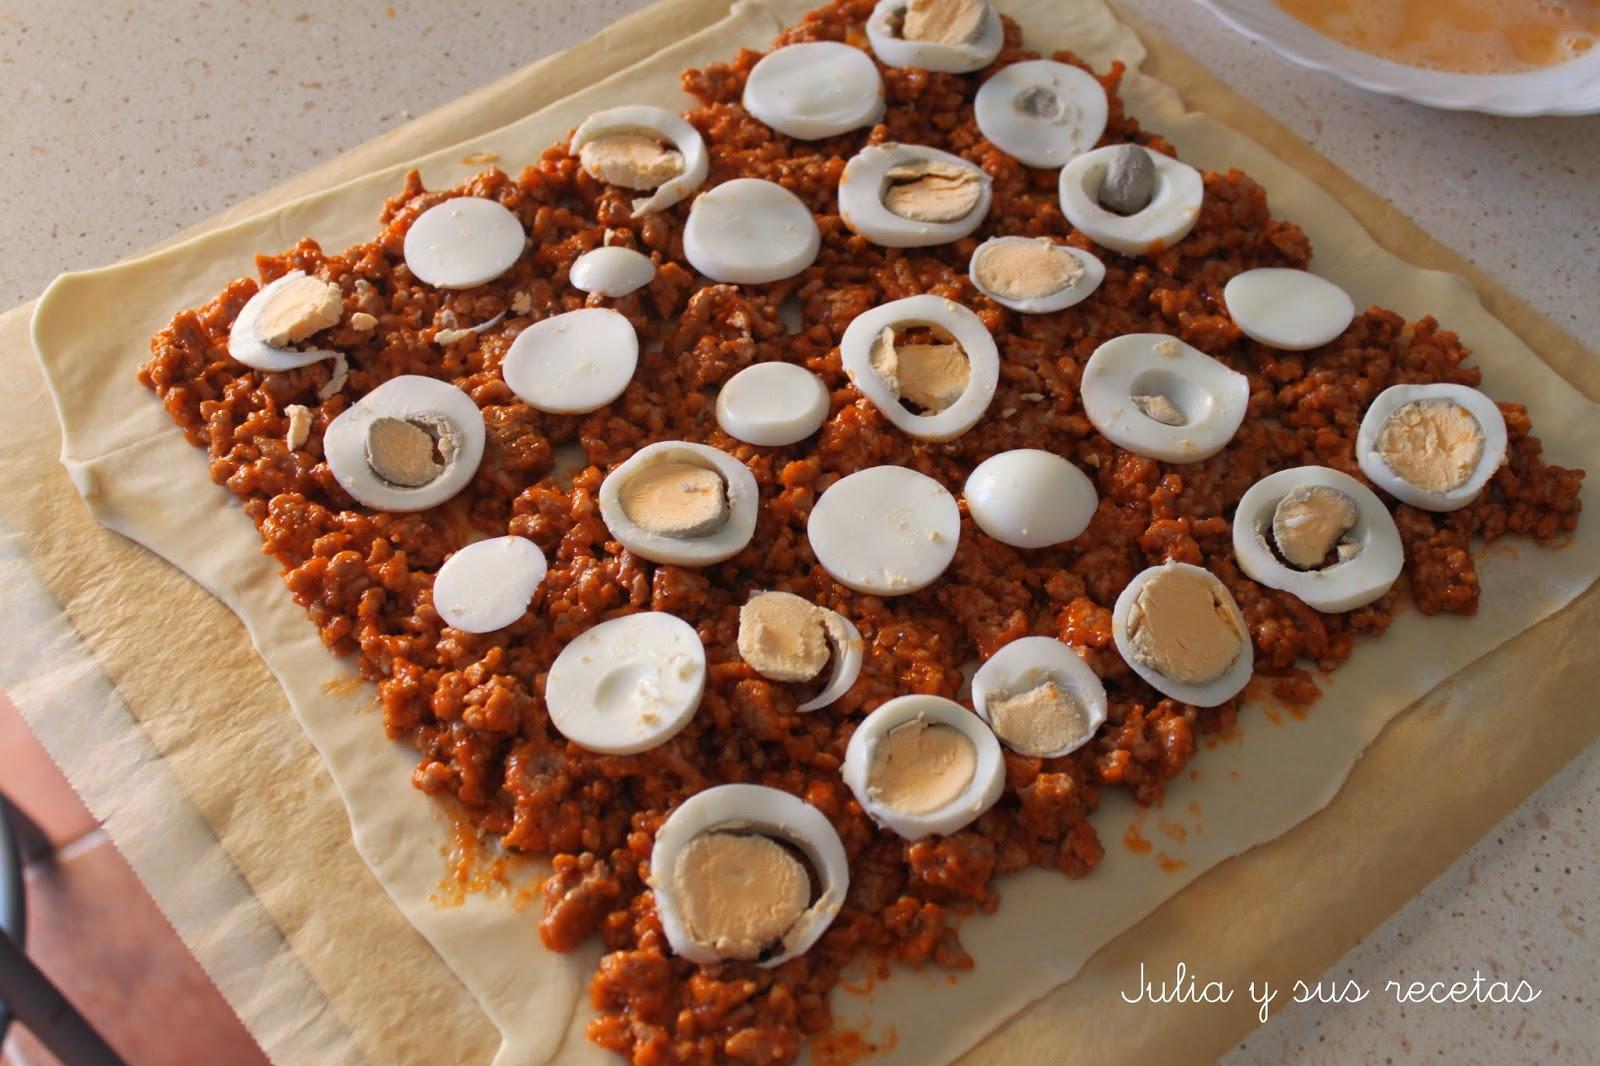 Julia y sus recetas hojaldre de carne picada con tomate - Que cocinar con carne picada ...